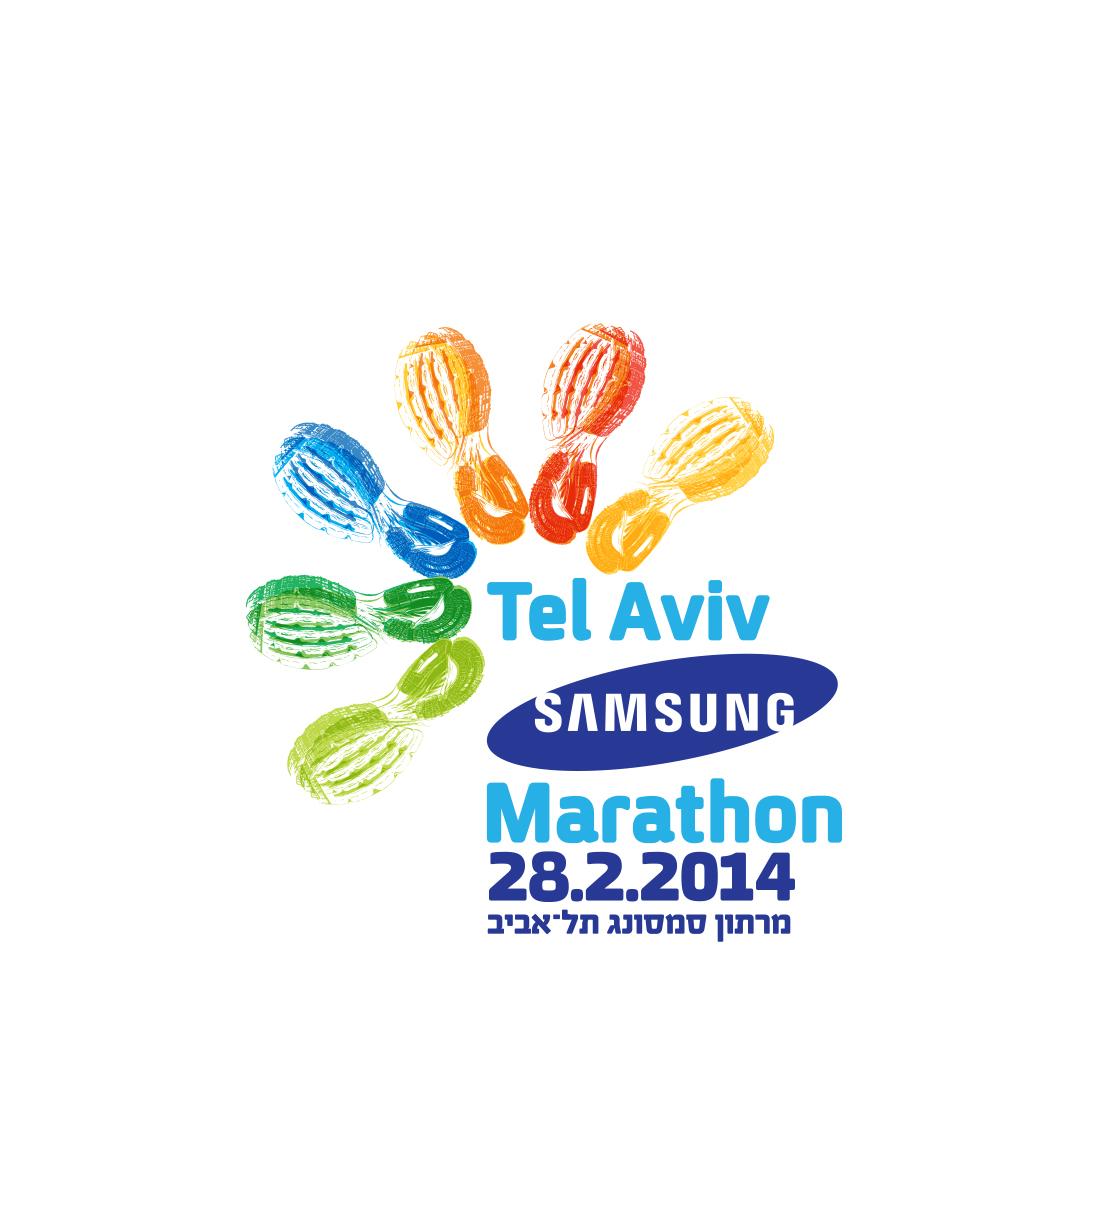 The Tel Aviv Samsung Marathon